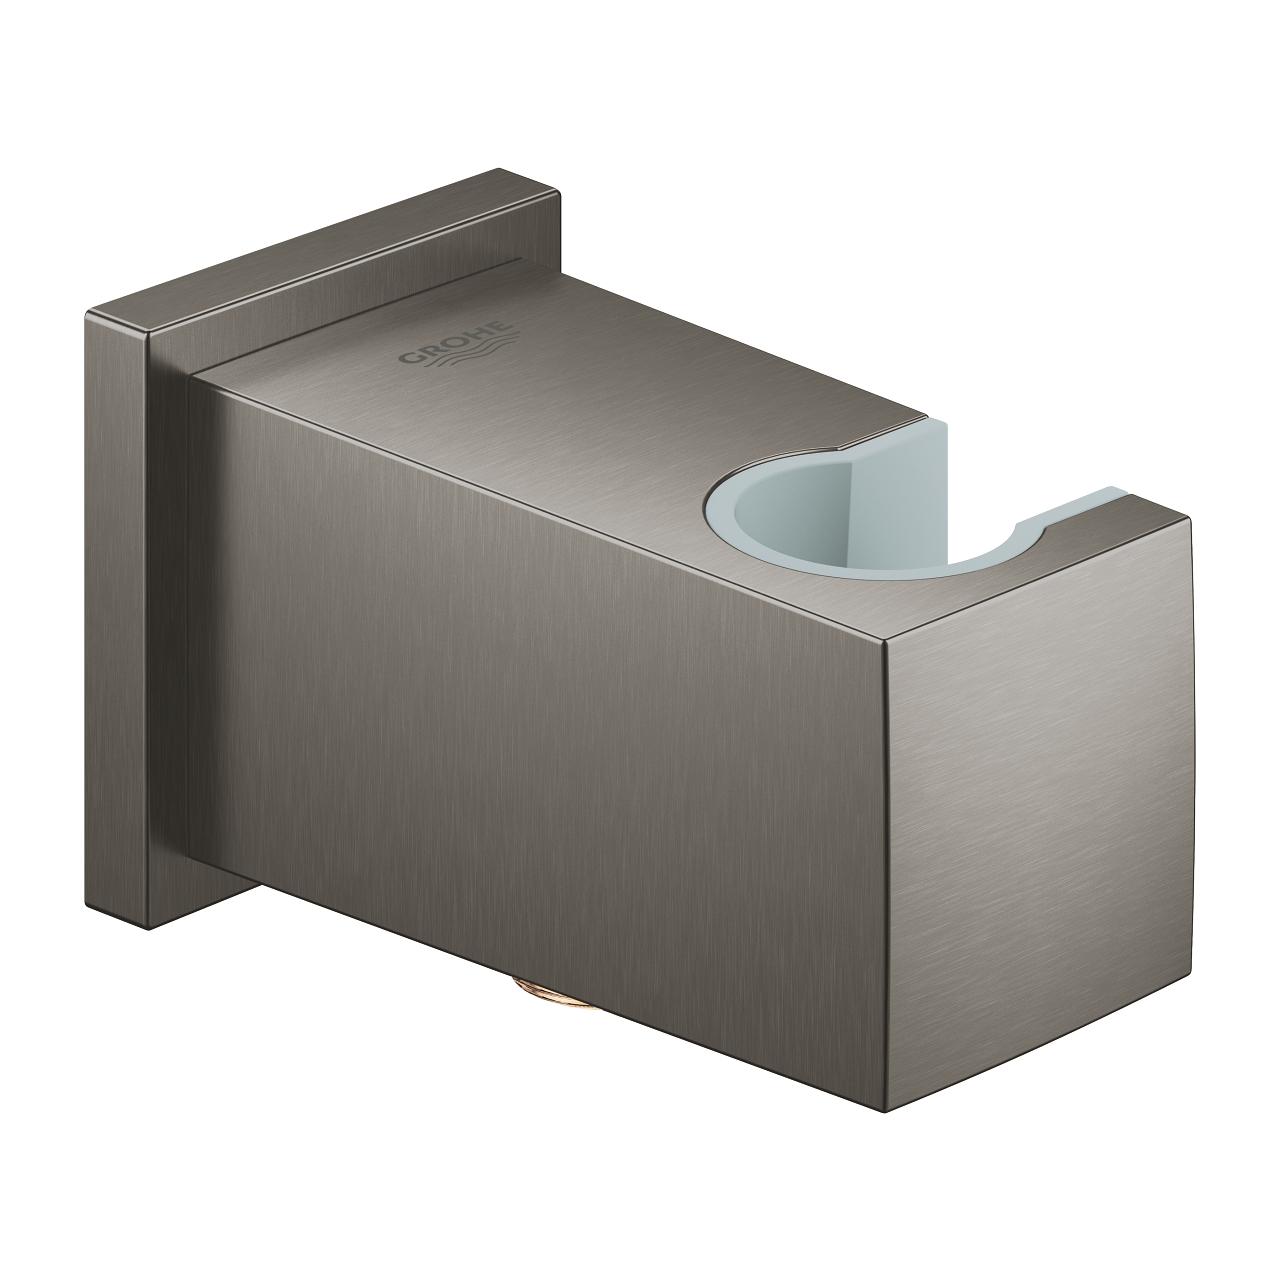 GROHE Euphoria Cube - kolanko przyłączeniowe ścienne brushed hard graphite 26370AL0 .